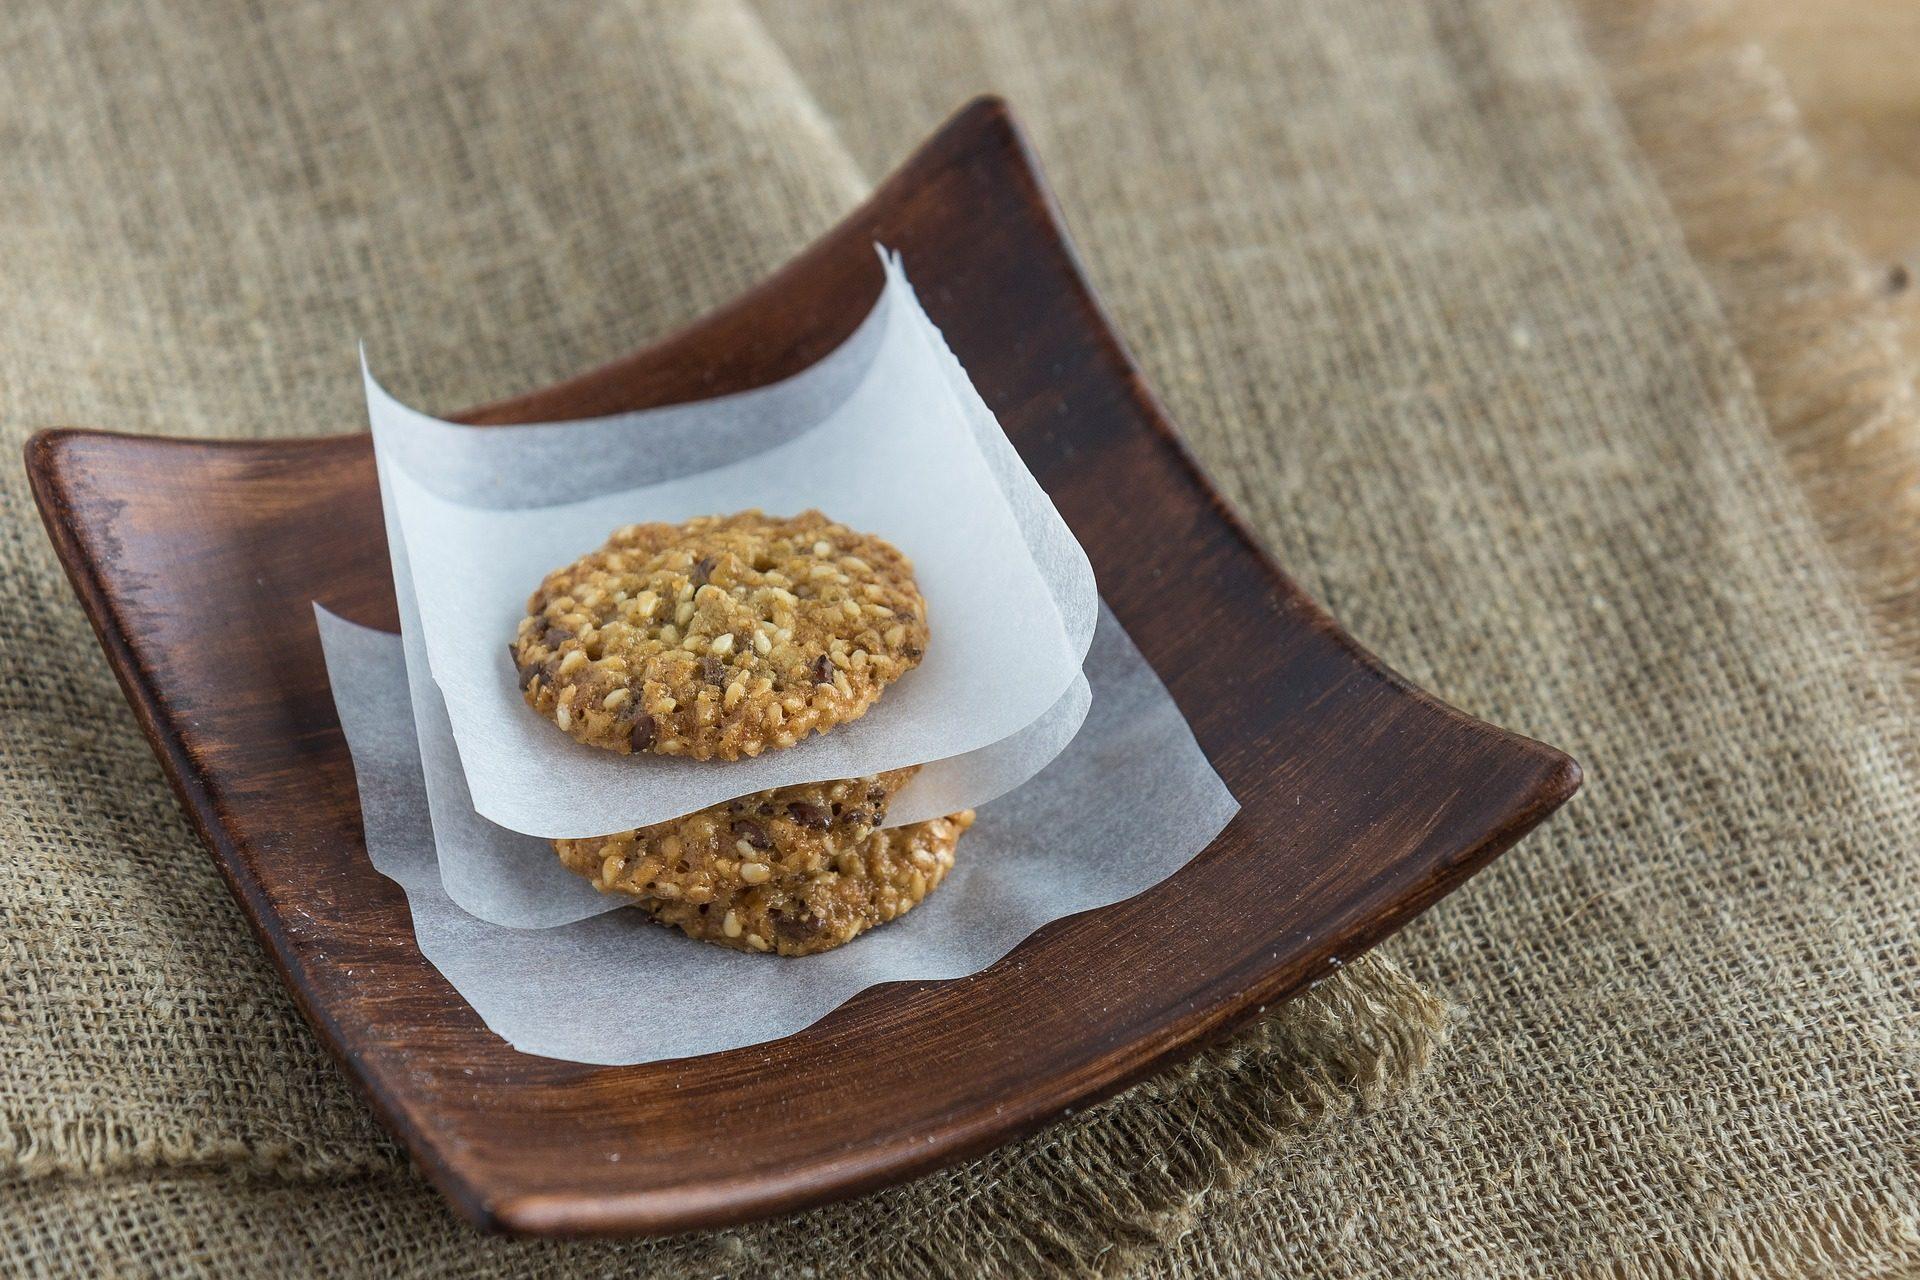 Cookies, Getreide, Schüssel, süß, Dessert - Wallpaper HD - Prof.-falken.com